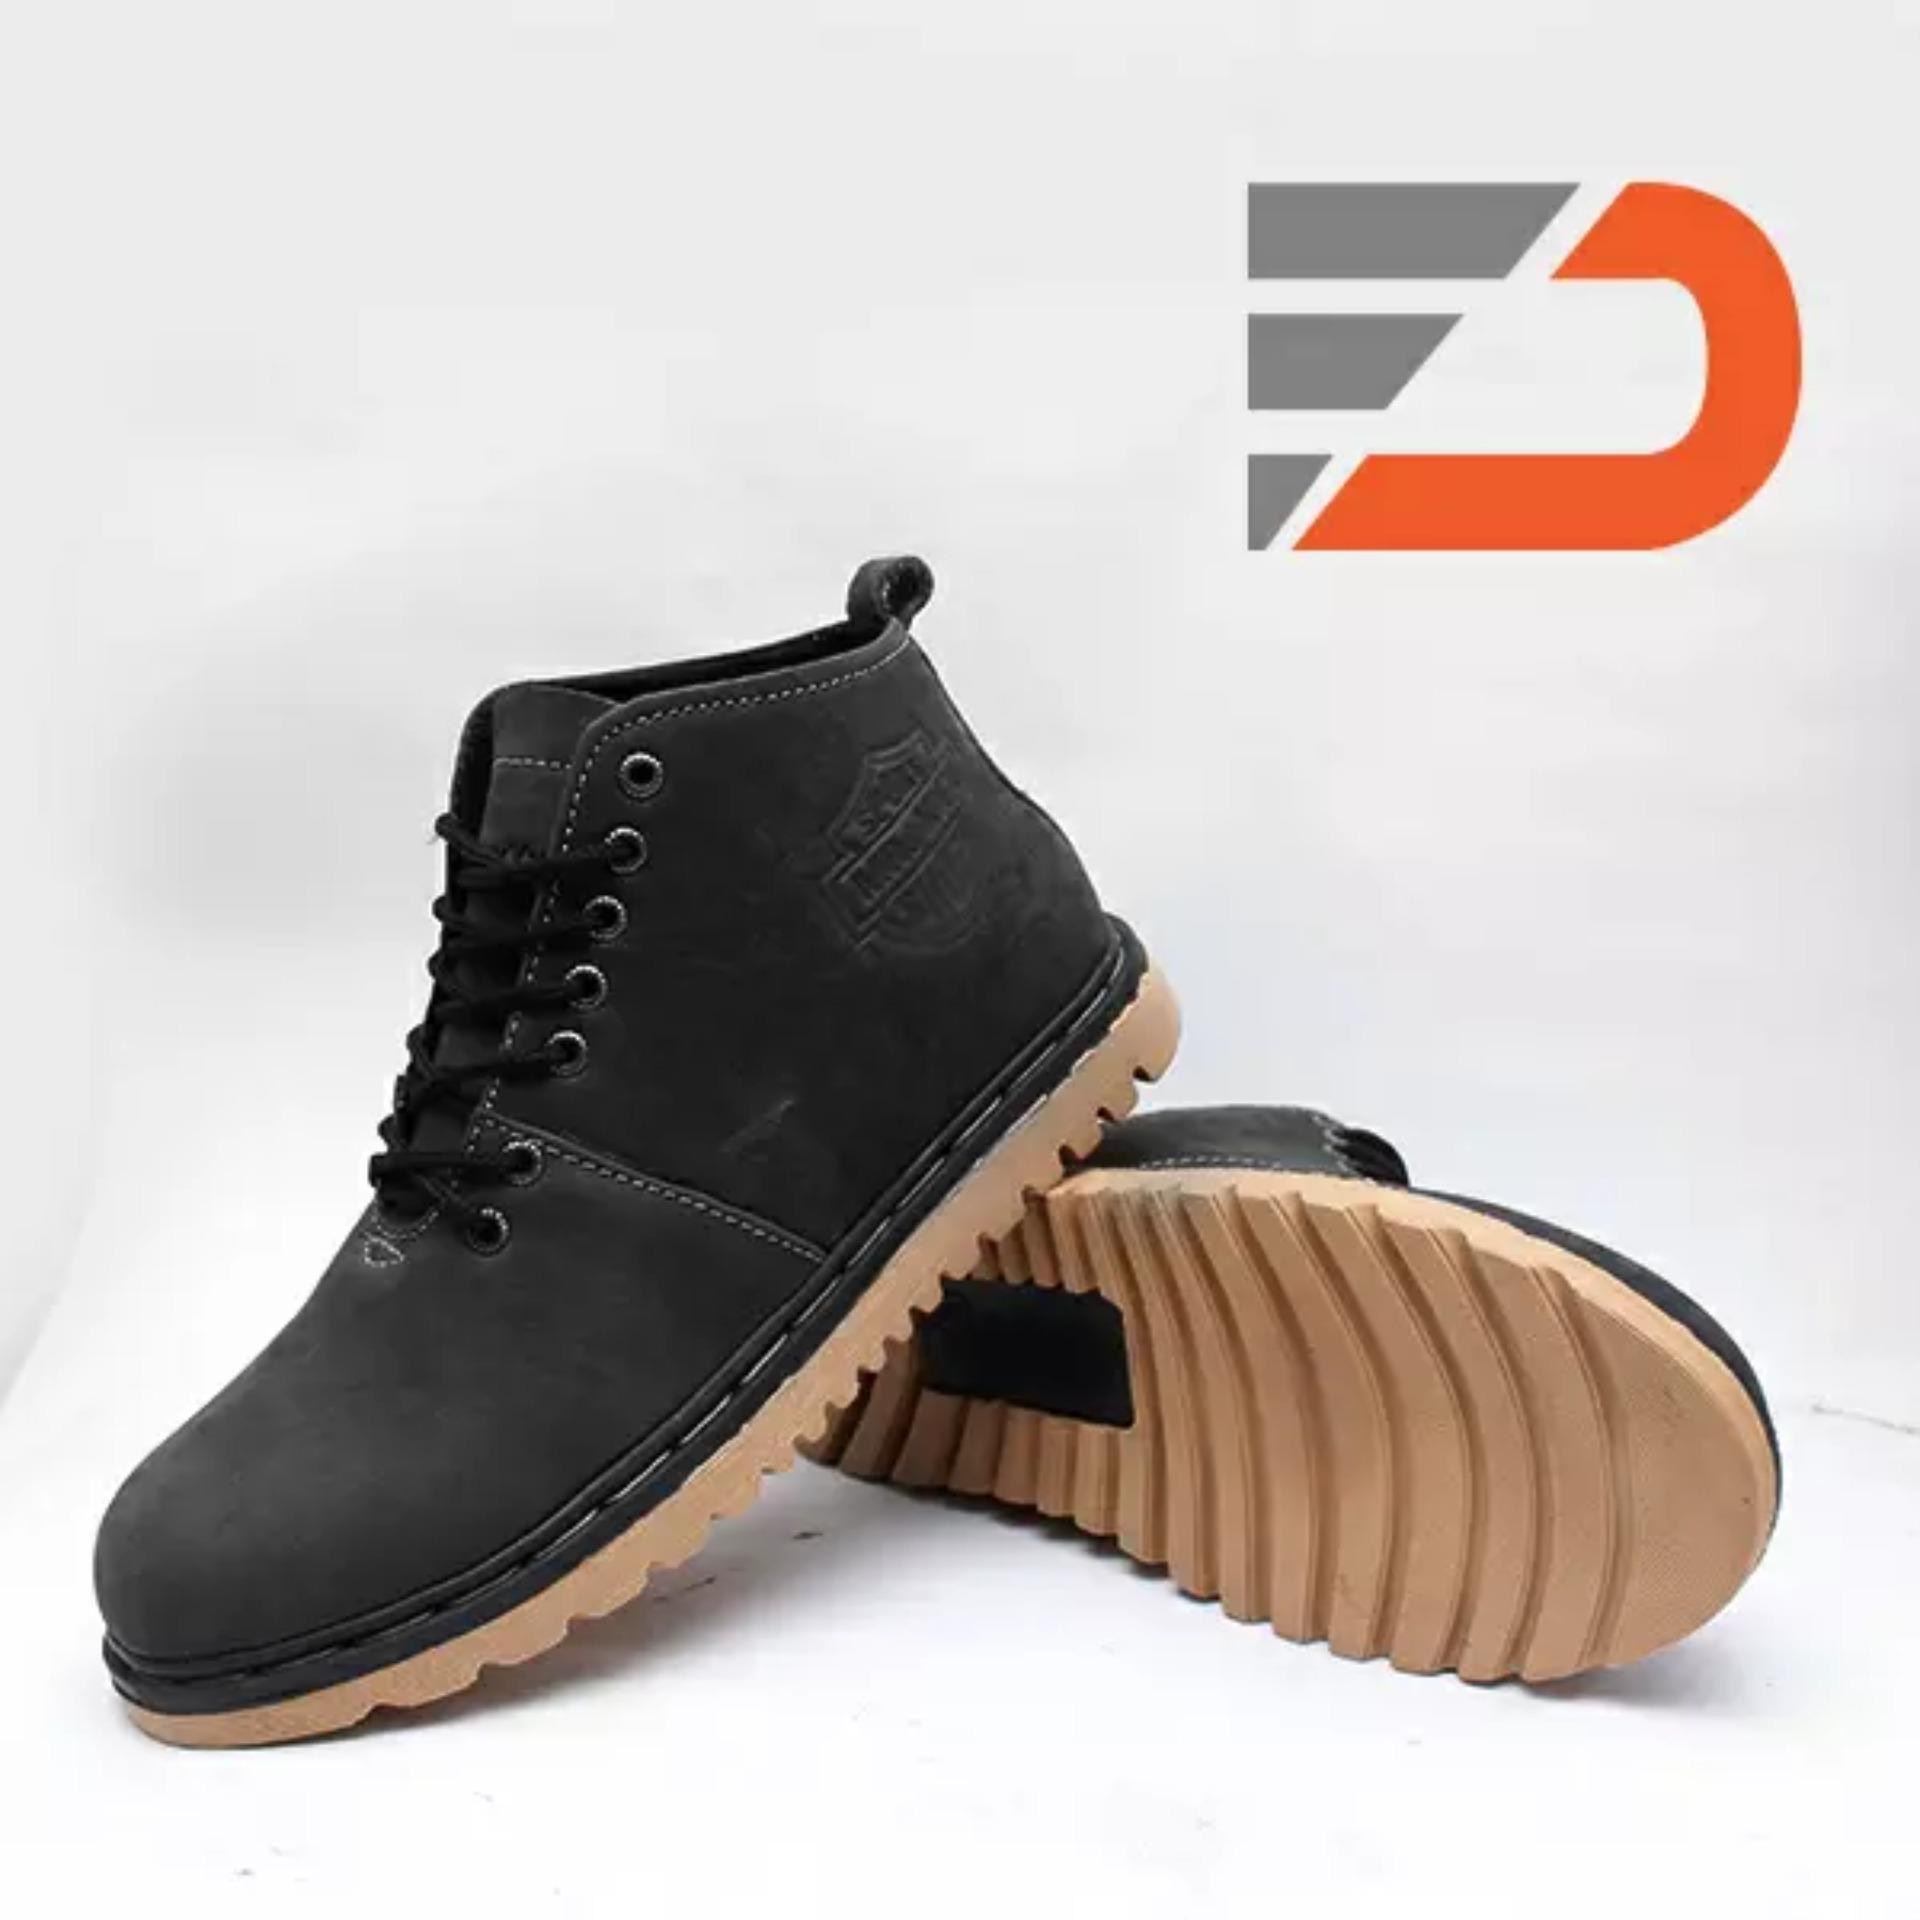 Spesifikasi Sepatu Casual Bahan Kulit Sapi Fdw 14 Yang Bagus Dan Murah